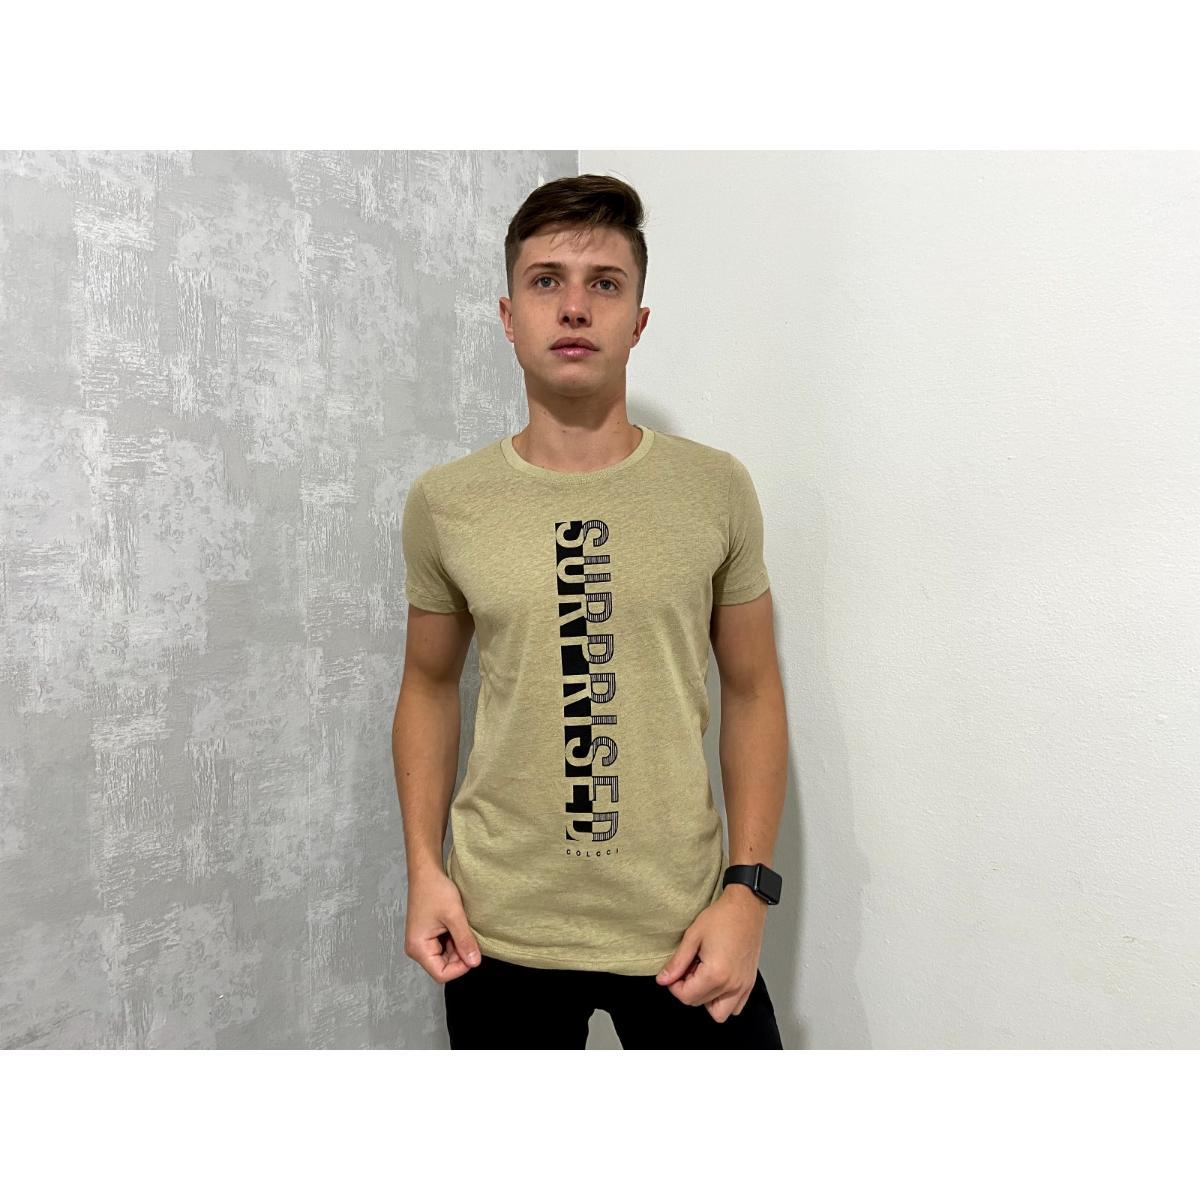 Camiseta Masculina Colcci 350108167 Vc511 Estampada